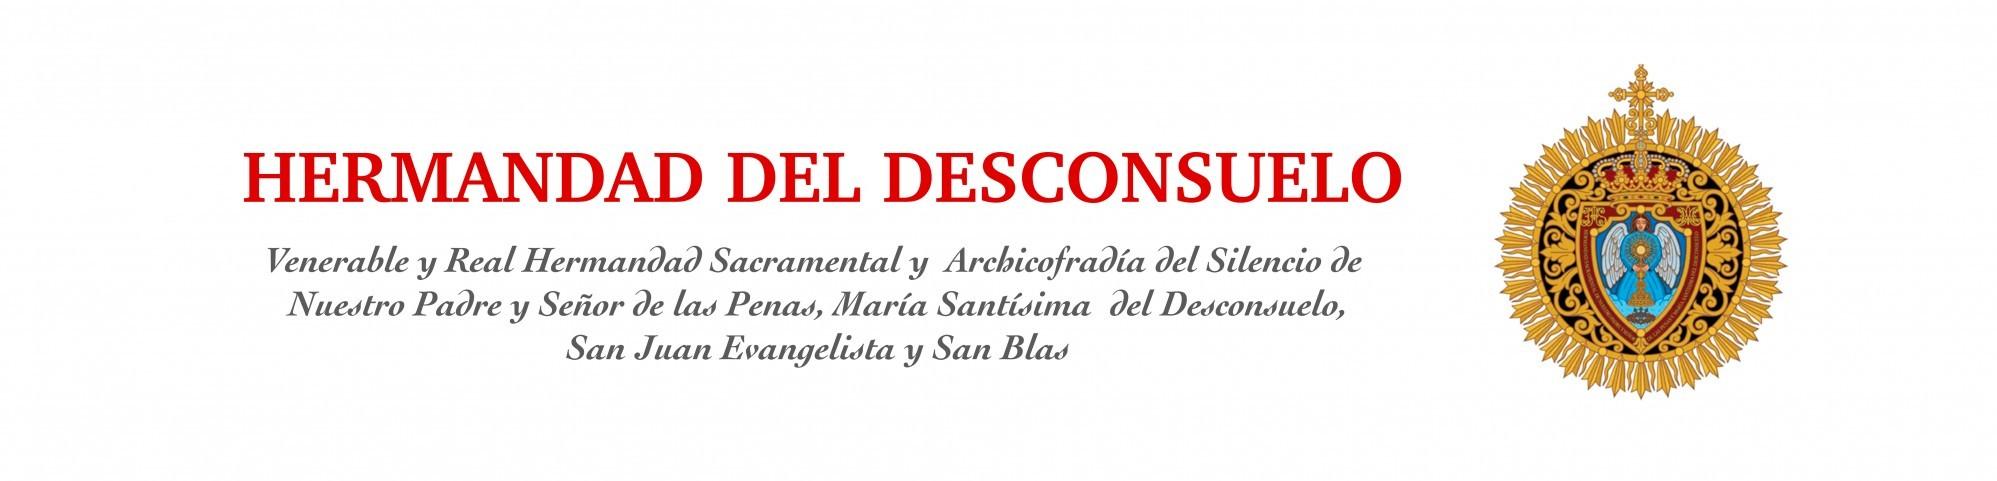 Web oficial de la Hermandad del Desconsuelo